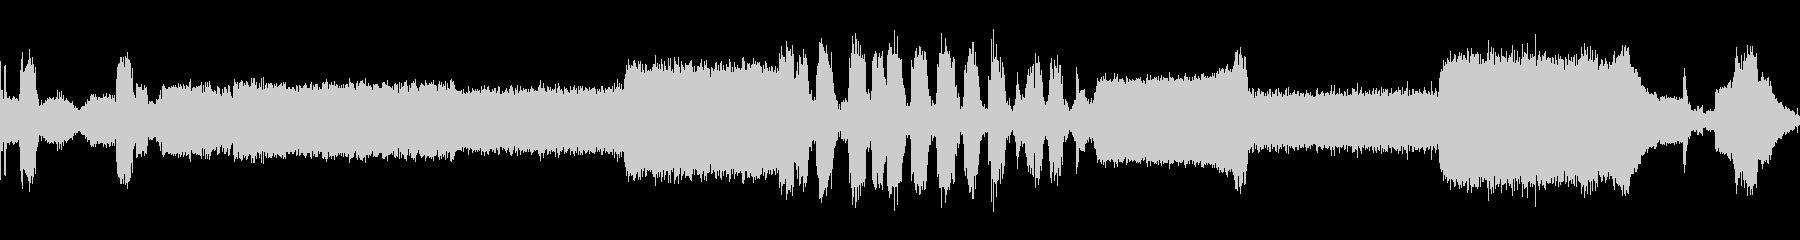 自動車ポンティアックスタートアップ回転の未再生の波形